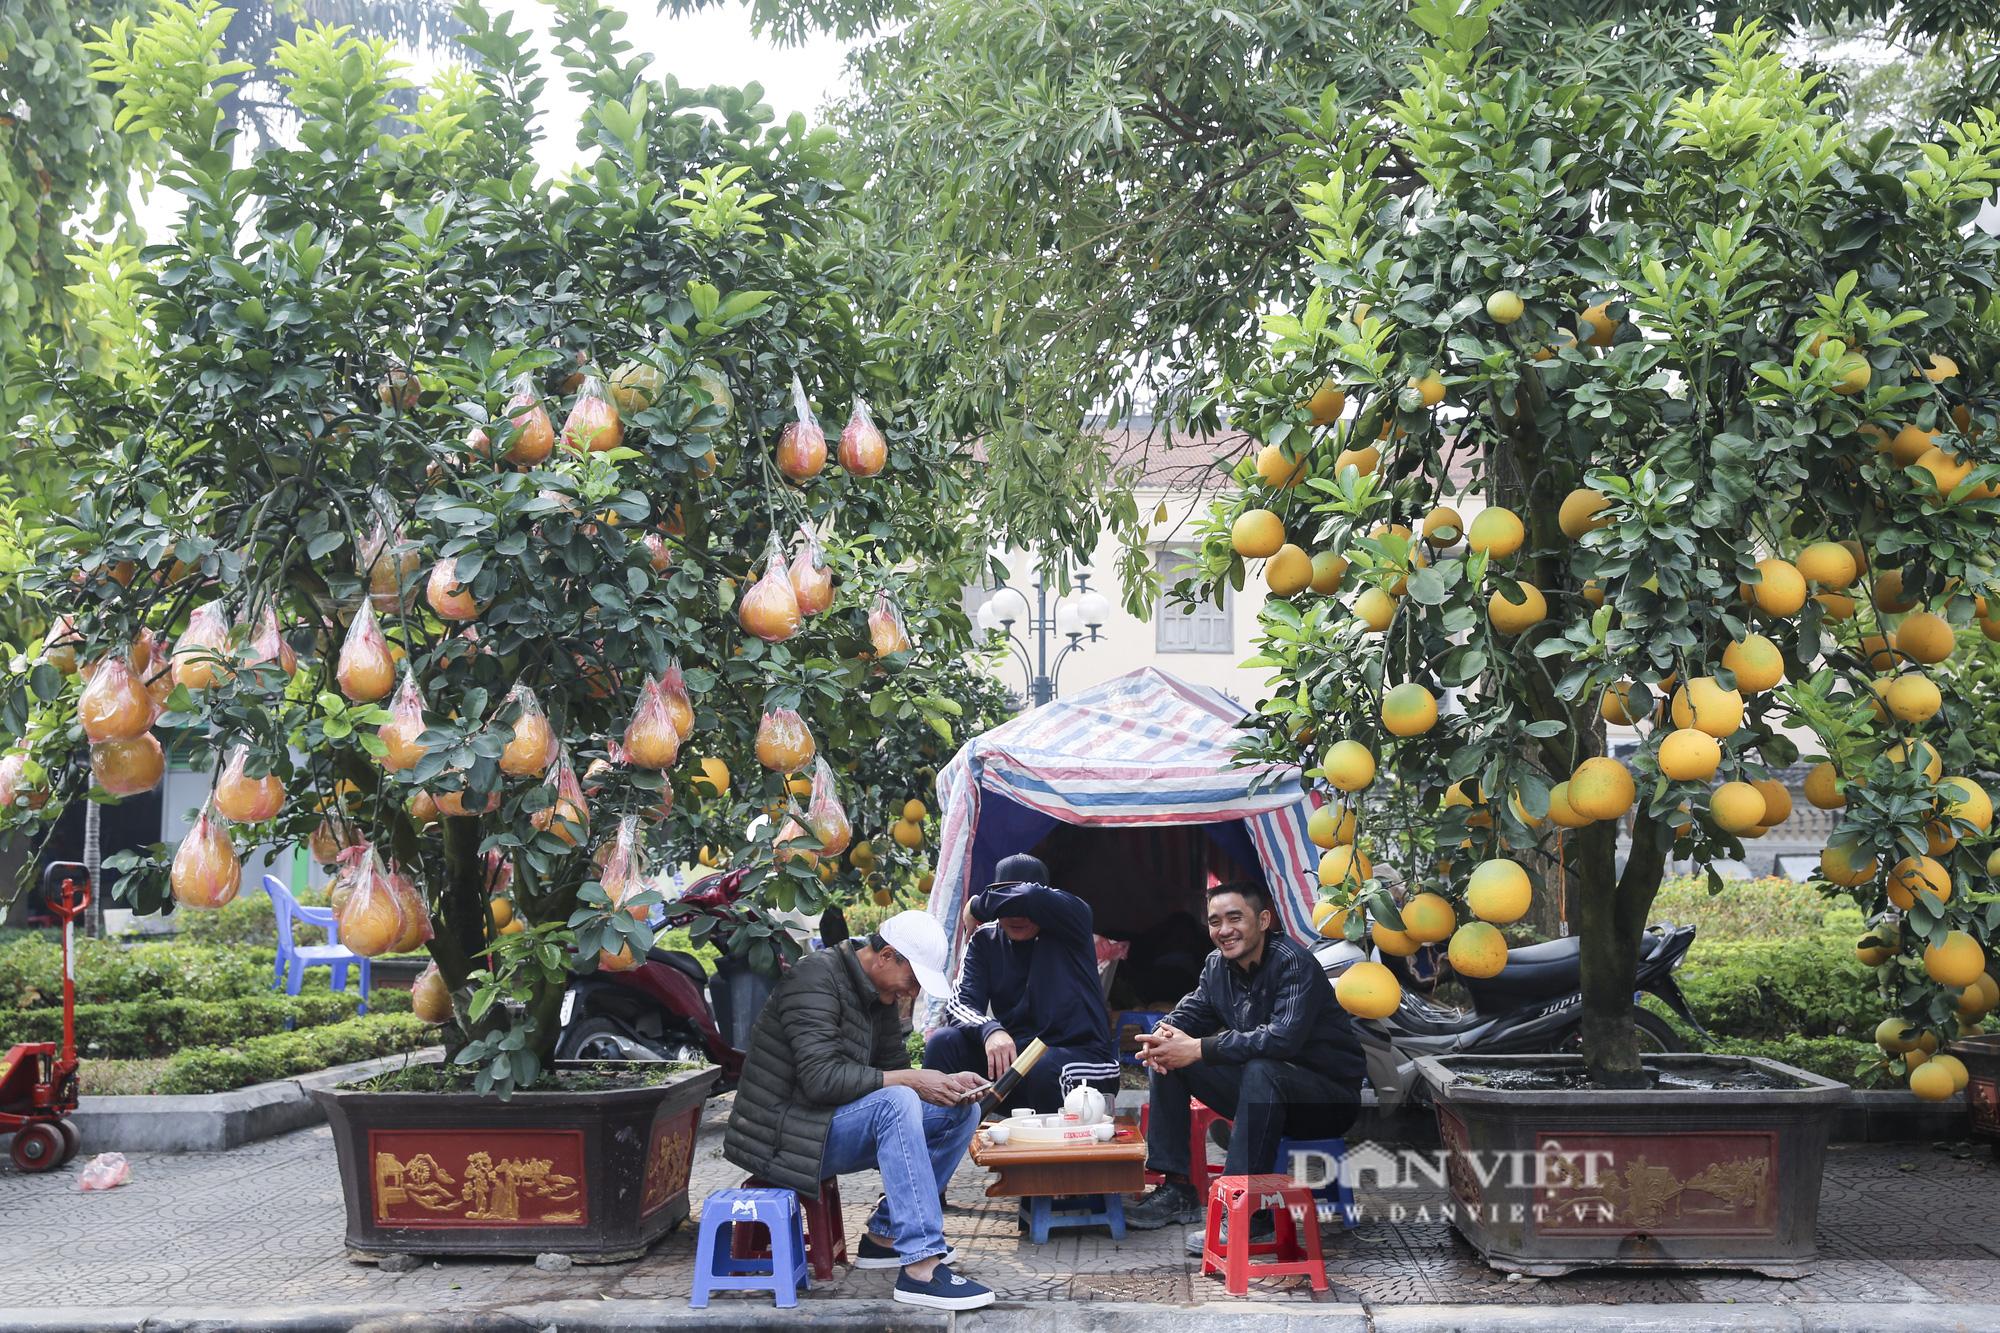 Bưởi cảnh trĩu quả giá chục triệu xuất hiện tại đường phố Hà Nội - Ảnh 6.